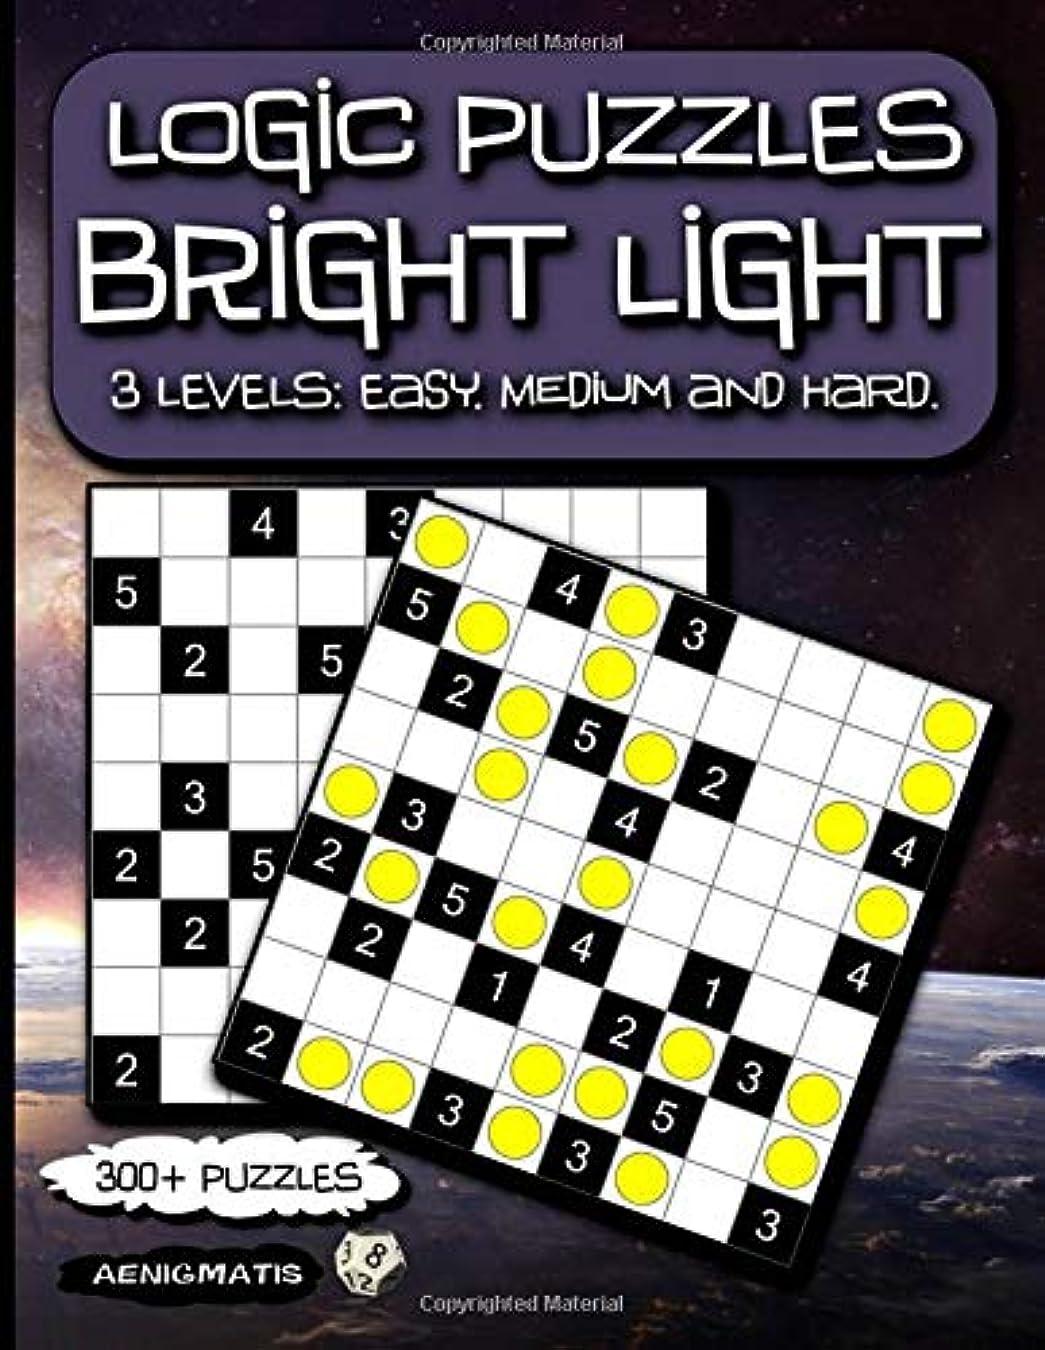 泥取り替える姿勢Logic Puzzles Bright Light: 3 Levels: Easy, Medium and Hard.